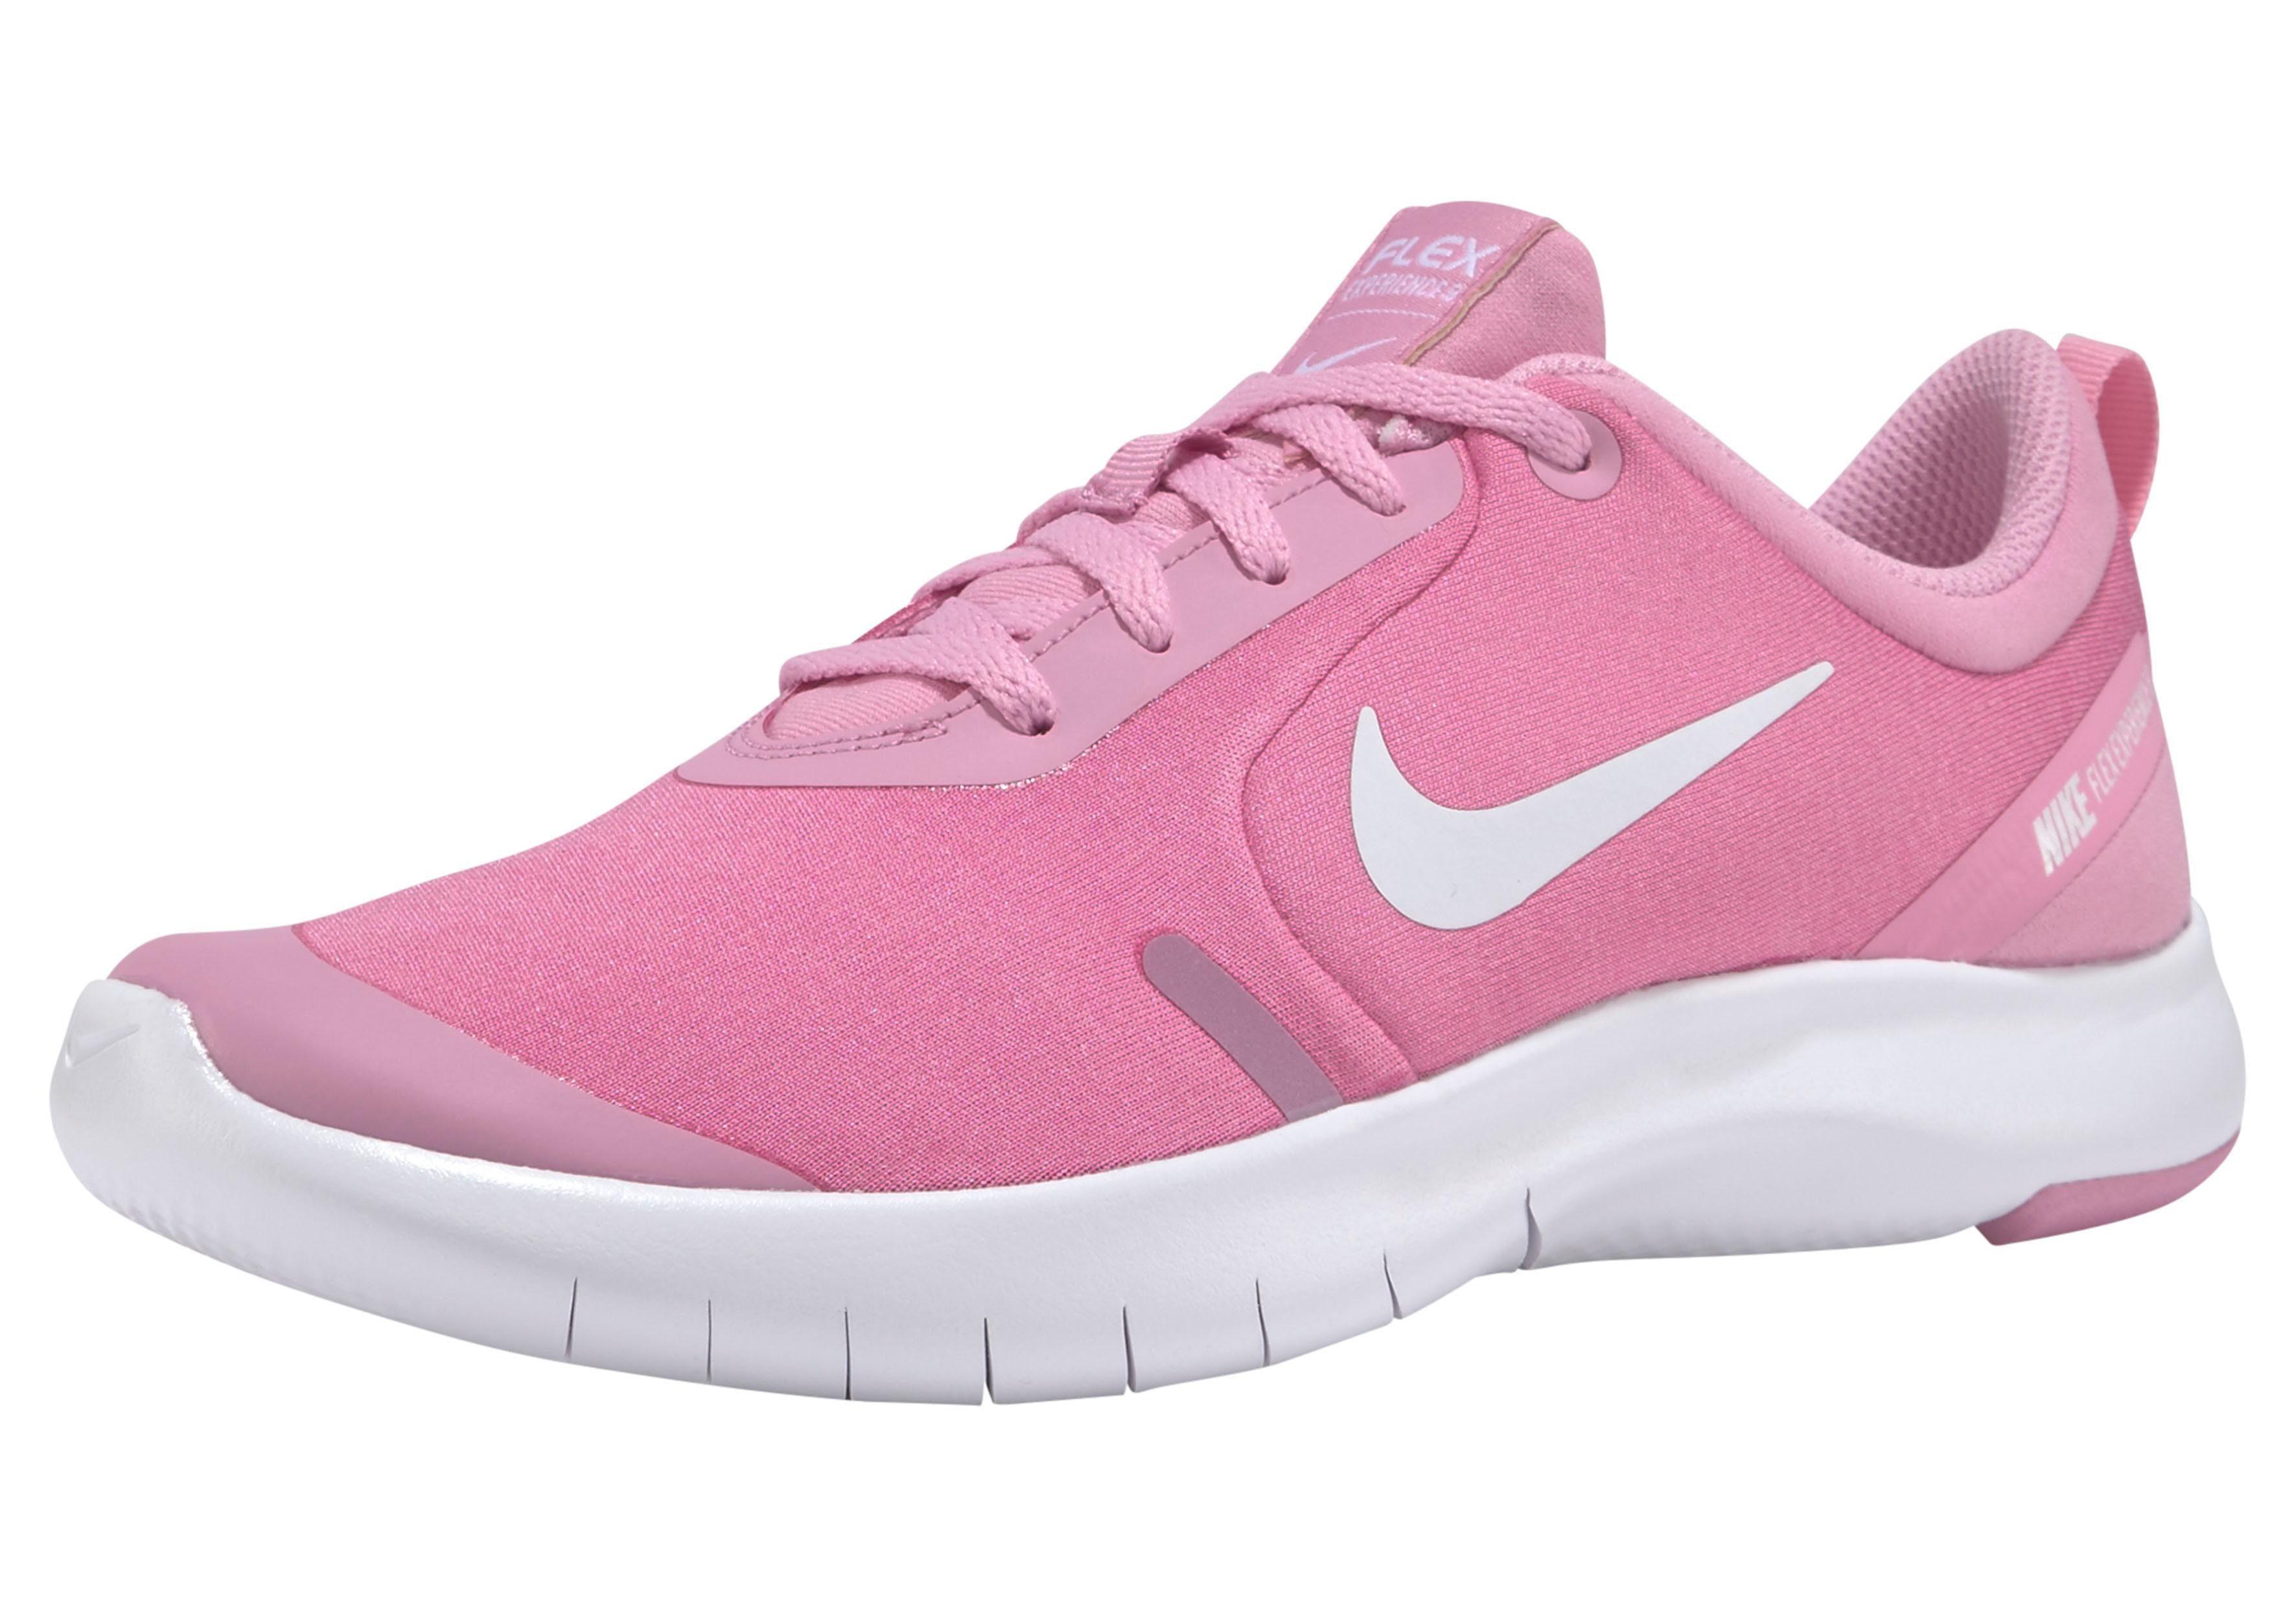 Nike »Flex Experience Rn 8« Laufschuh kaufen | OTTO